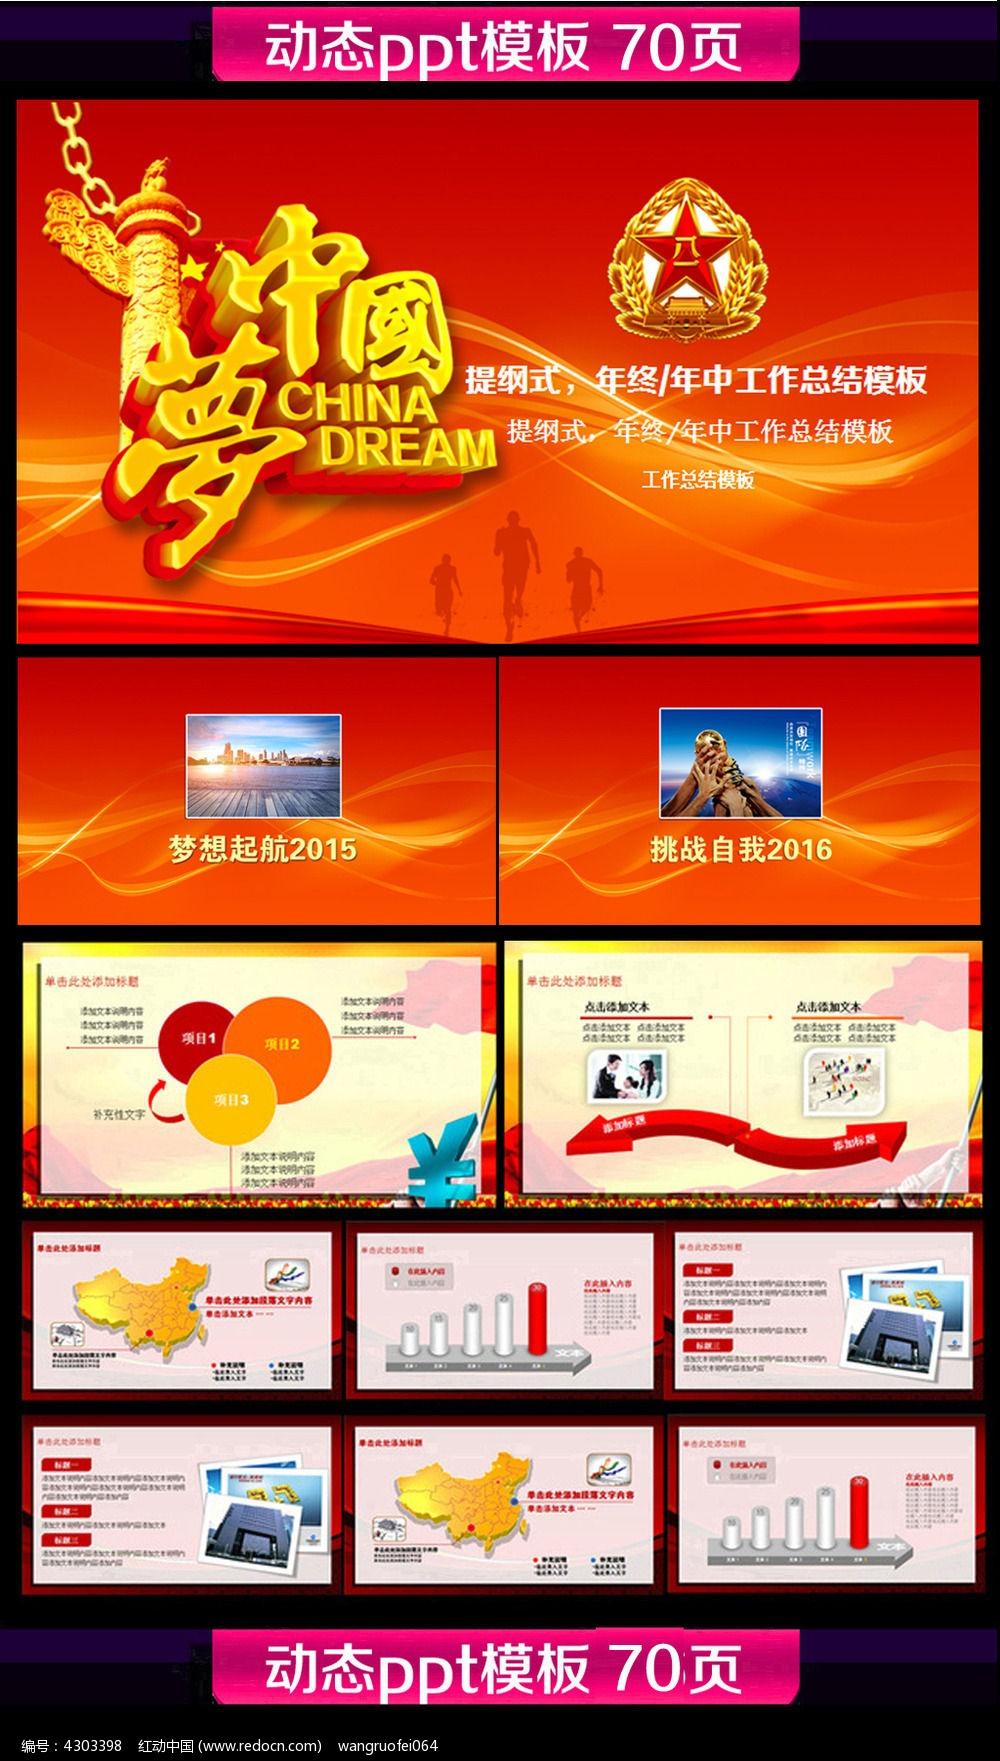 中国梦ppt模板_ppt模板/ppt背景图片图片素材